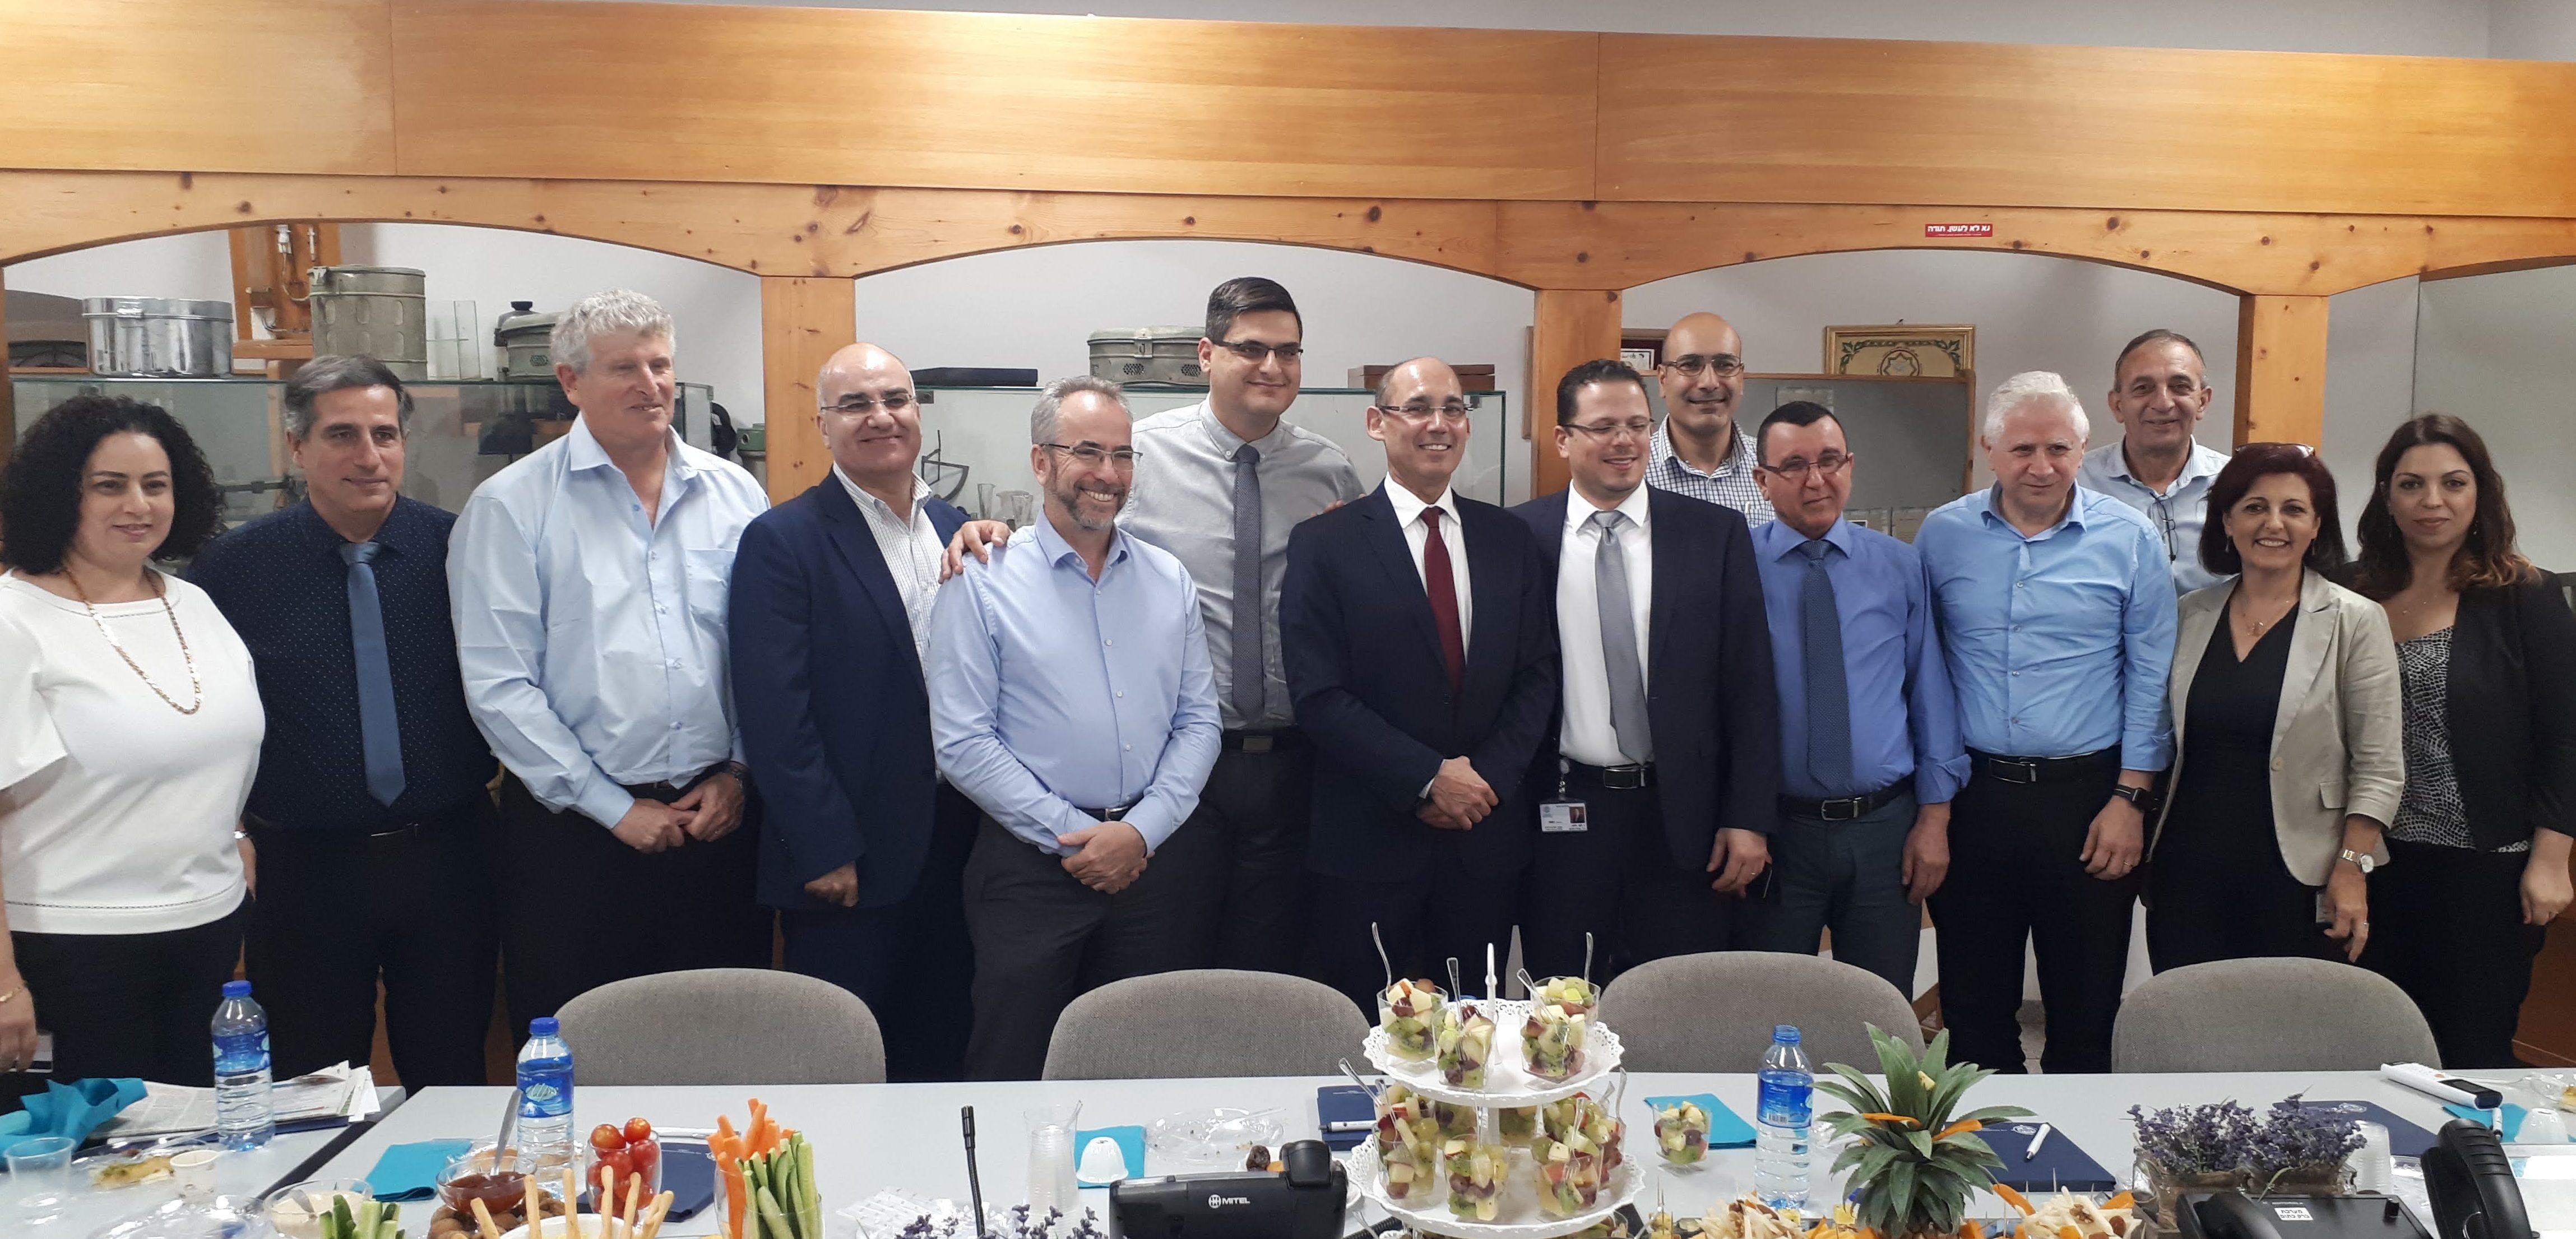 محافظ بنك إسرائيل يطّلع على الجهاز الطبي في الناصرة